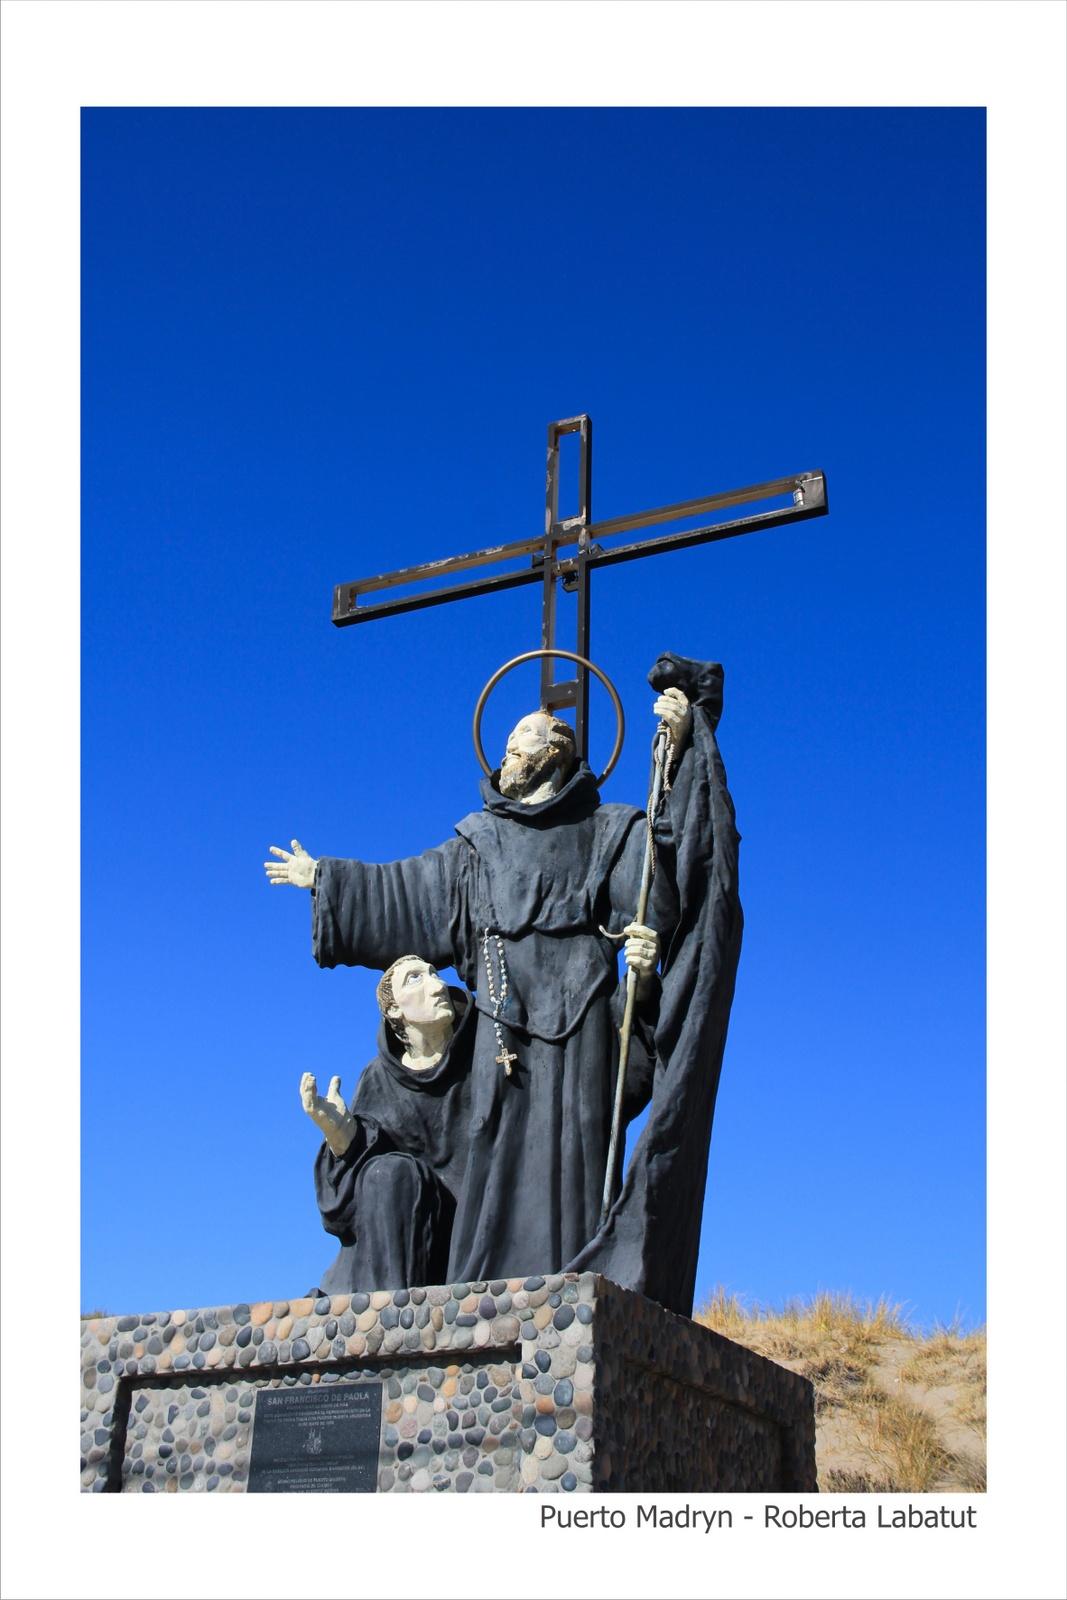 Puerto Madryn - Roberta Labatut2 - 20-30